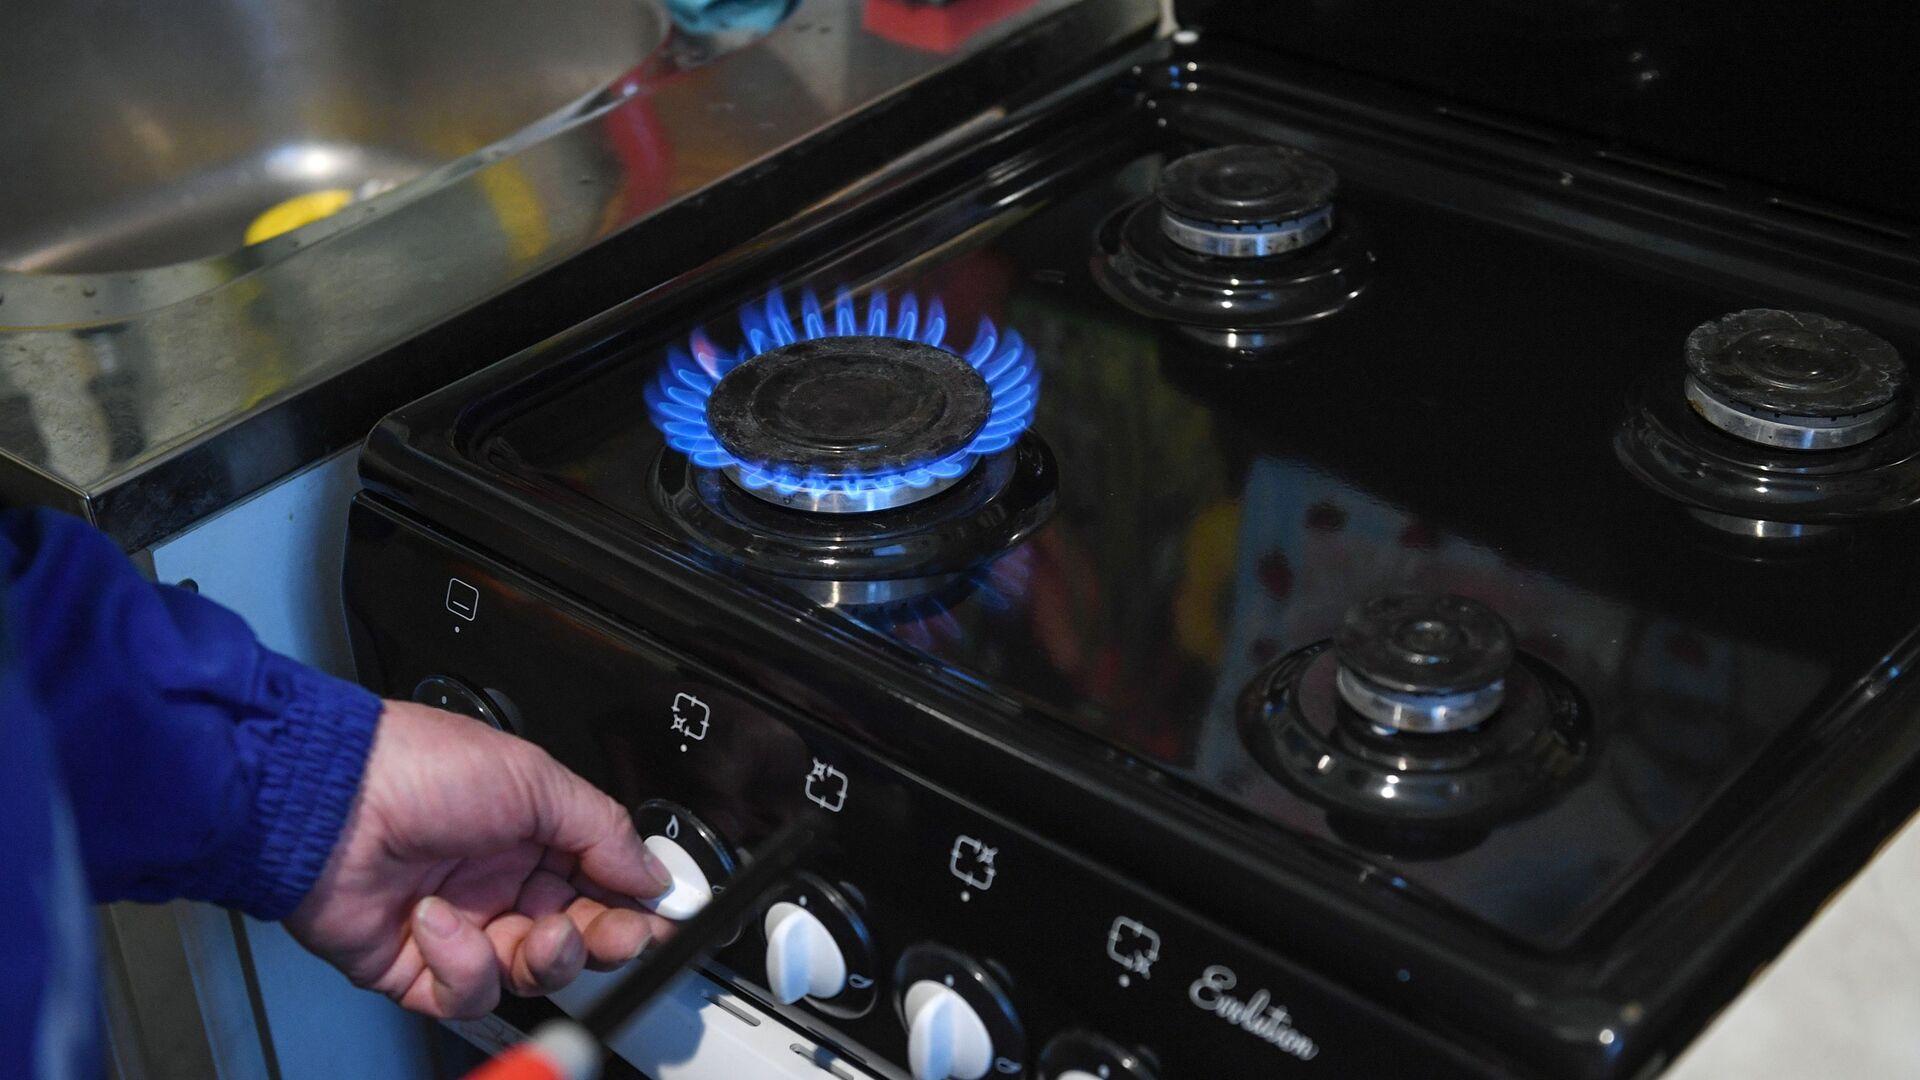 Специалист проводит техническое обслуживание внутриквартирного газового оборудования - РИА Новости, 1920, 22.03.2021